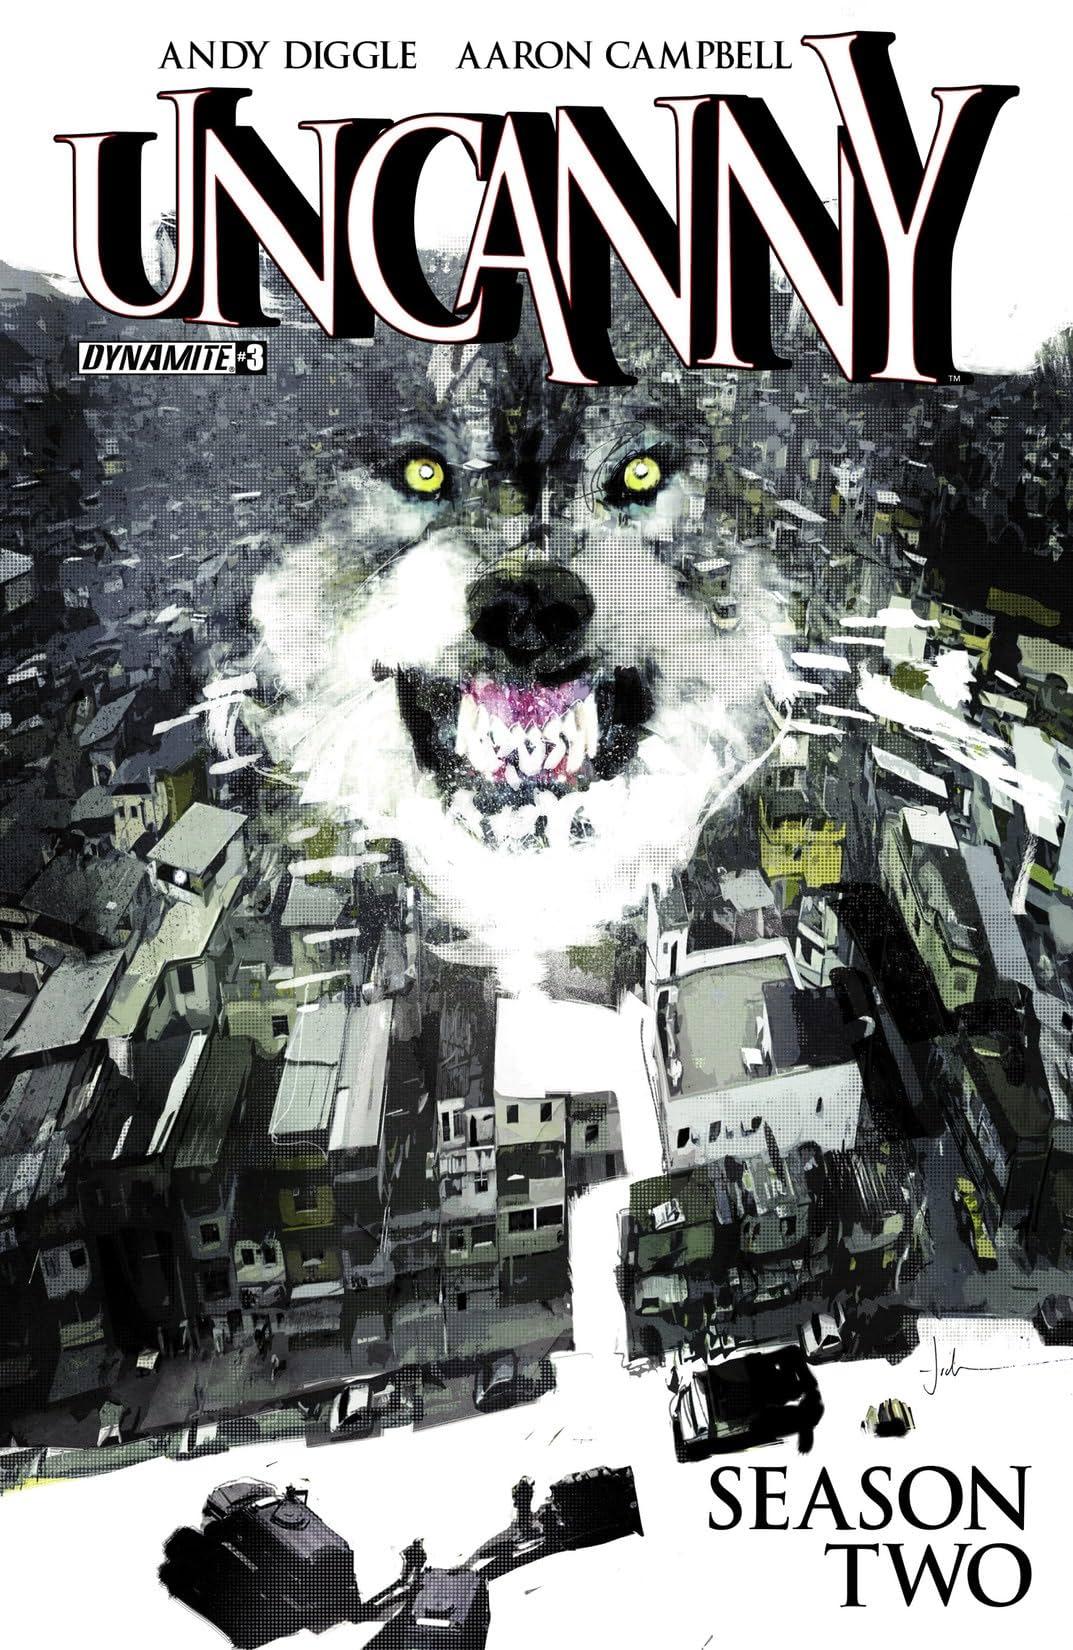 Uncanny Season Two #3 (of 6): Digital Exclusive Edition